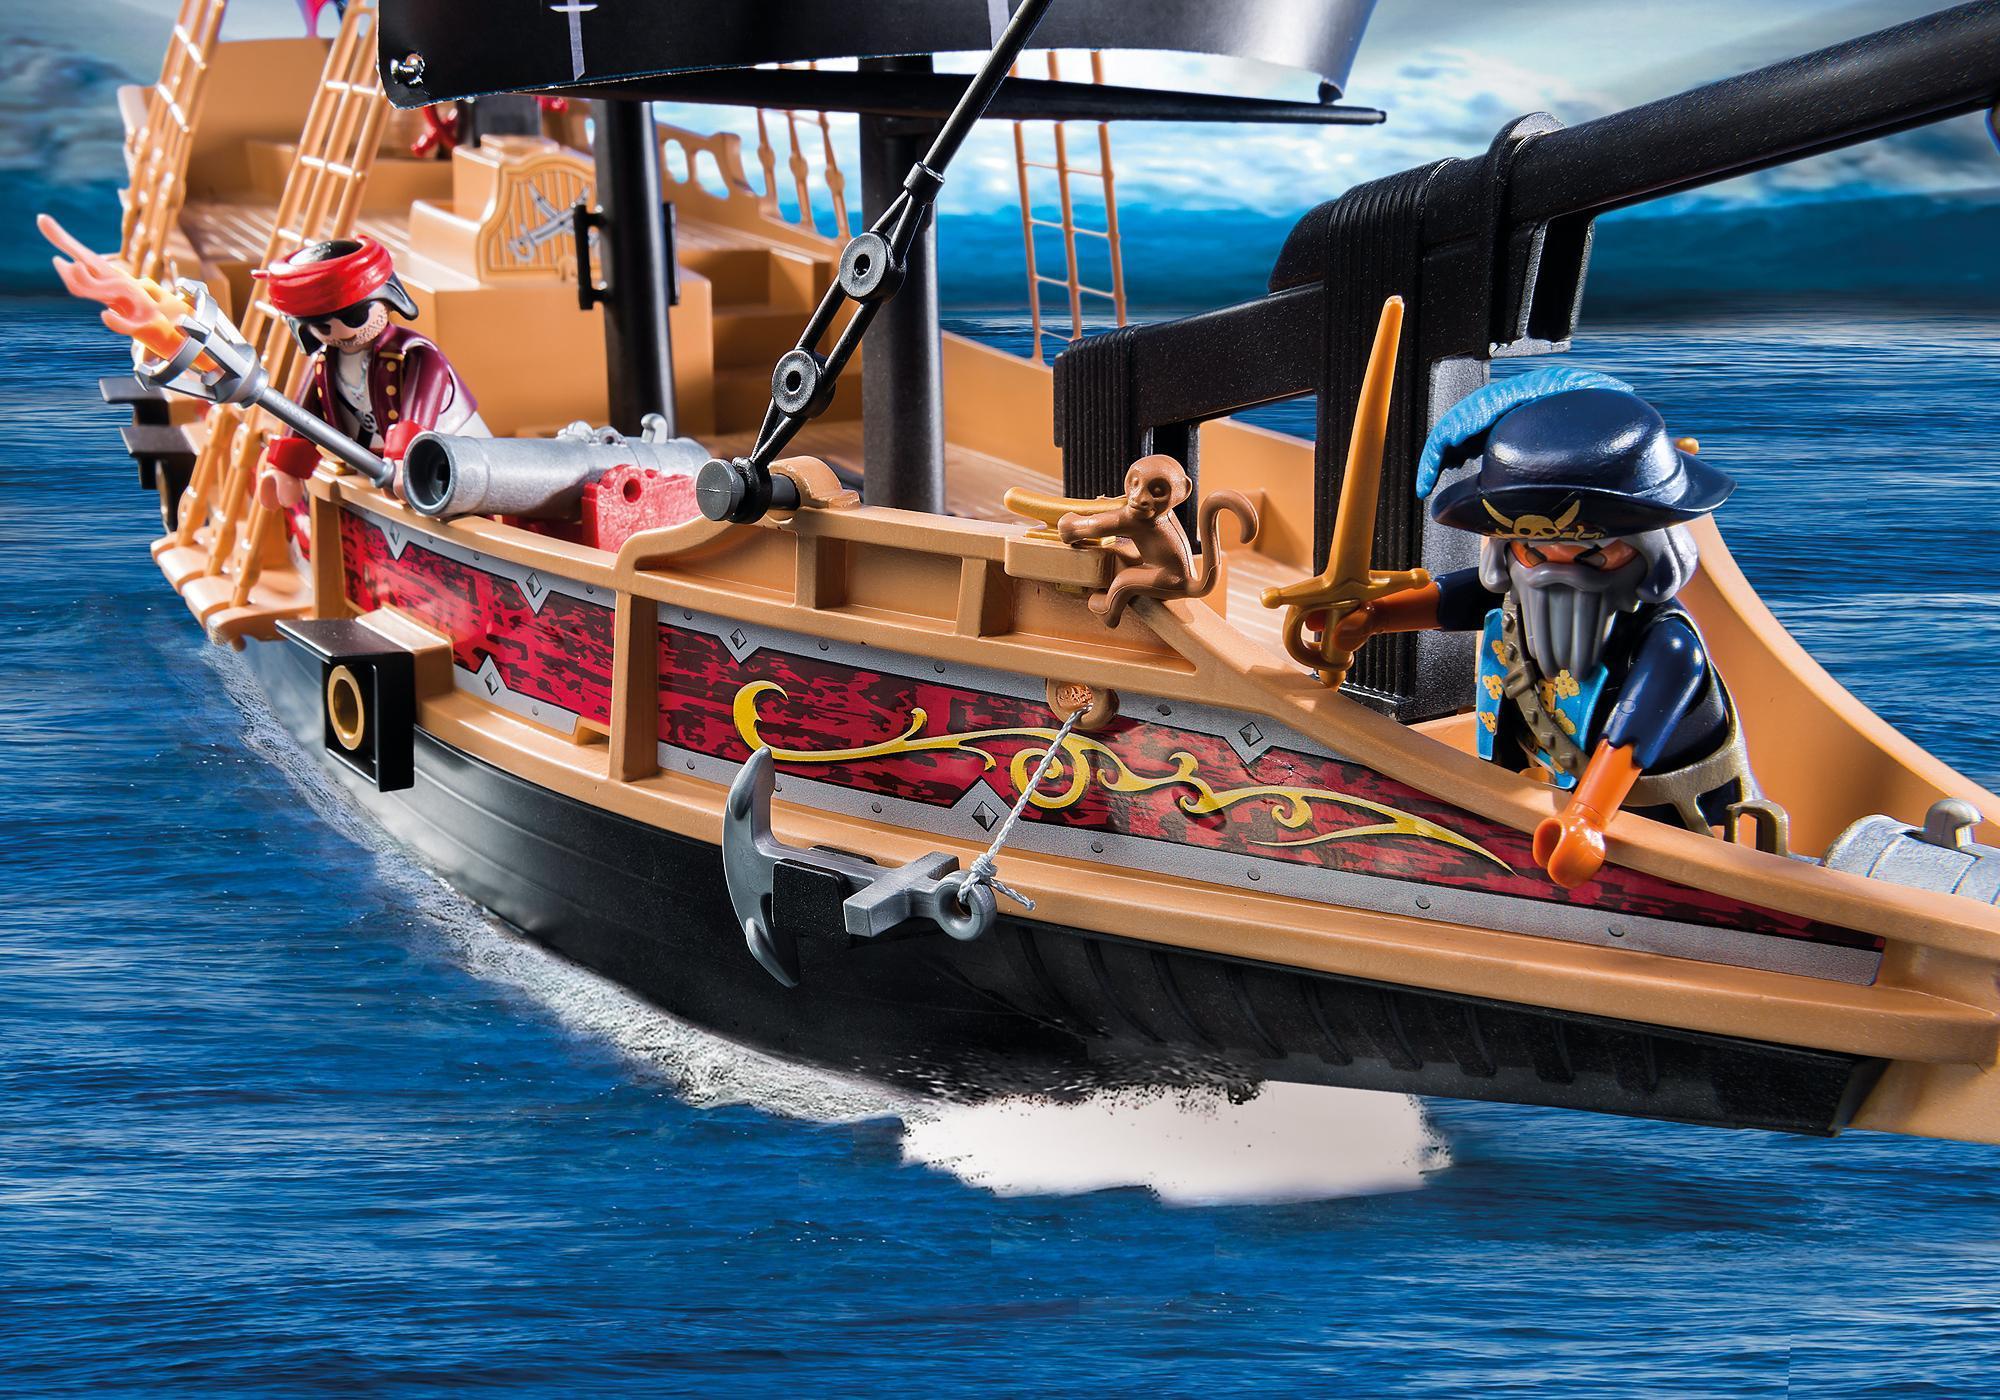 http://media.playmobil.com/i/playmobil/6678_product_extra3/Barco de Ataque dos Piratas